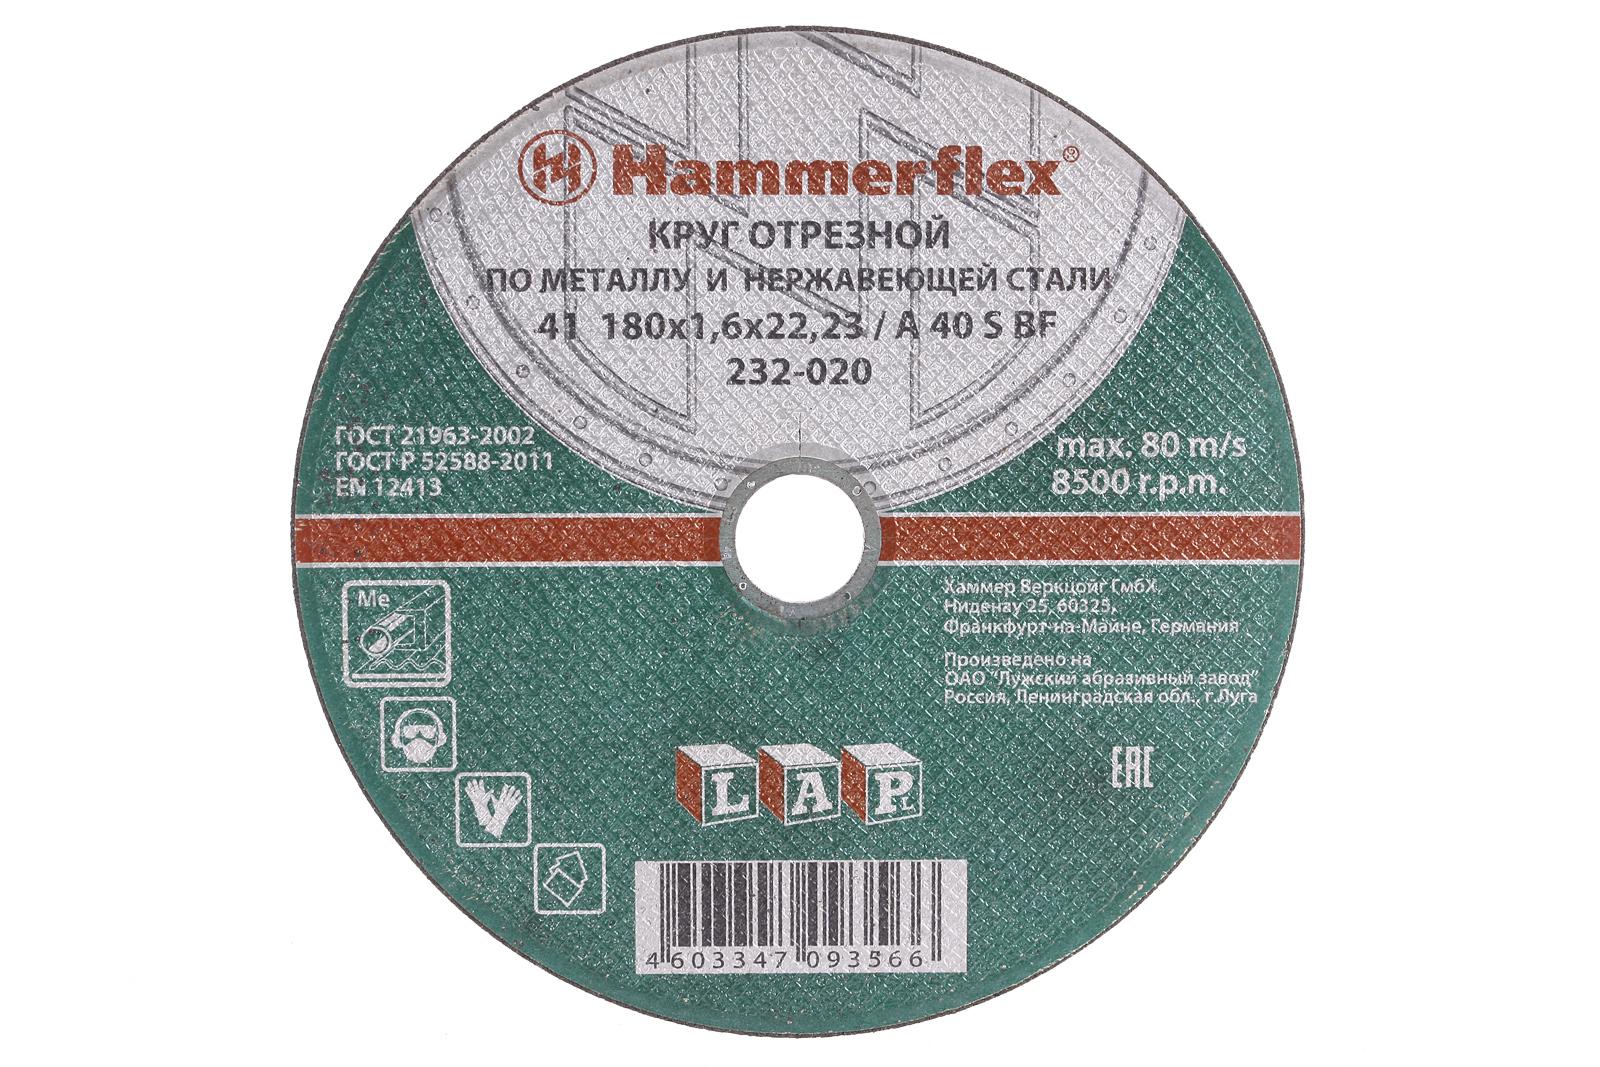 Круг отрезной Hammer 180 x 1.6 x 22 по металлу и нерж.стали Коробка (150шт.) круг отрезной hammer flex 115 x 1 6 x 22 по металлу и нержавеющей стали 25шт